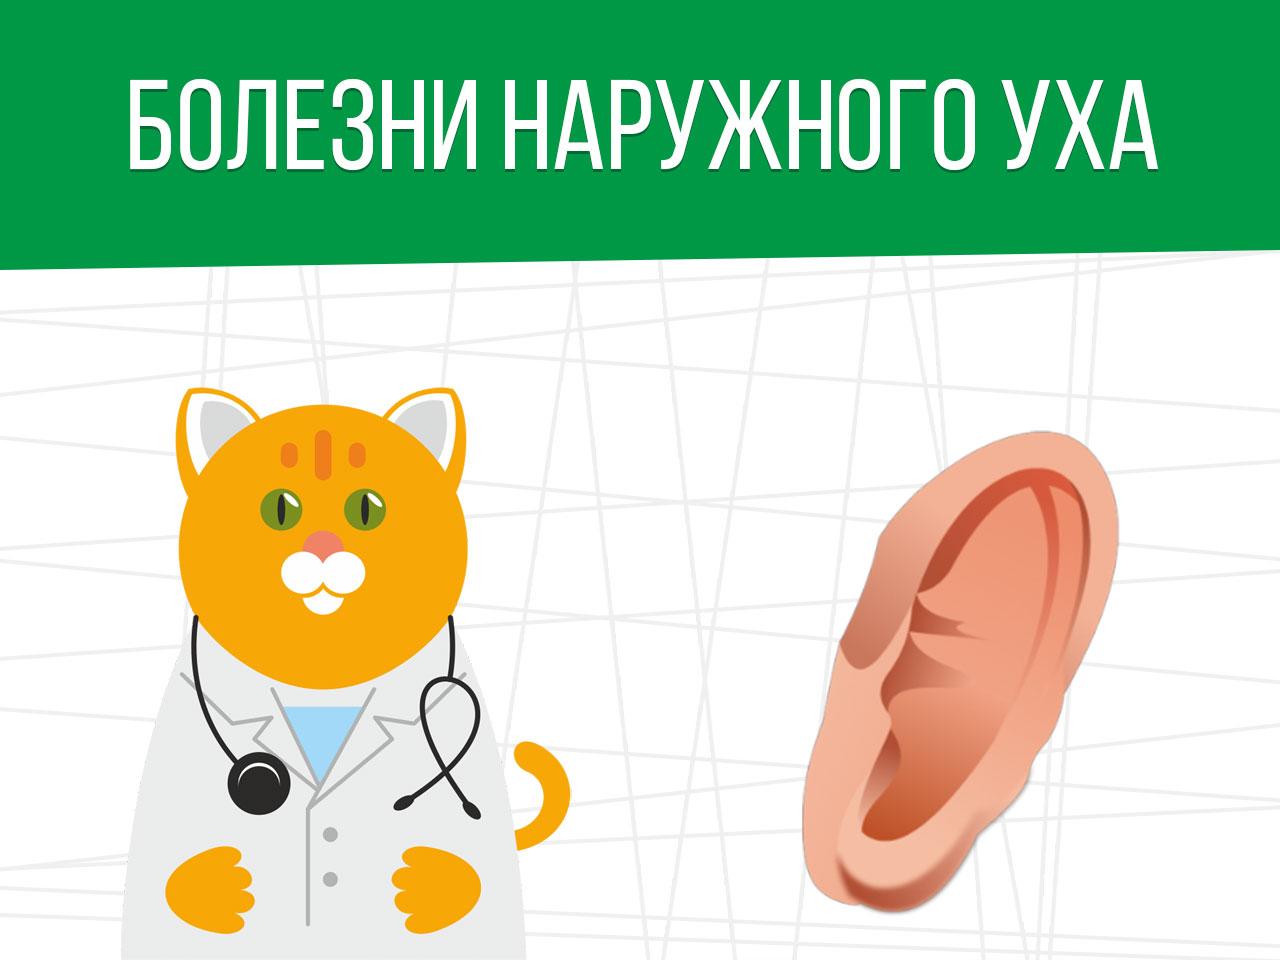 Болезни наружного уха: получение освобождения от армии